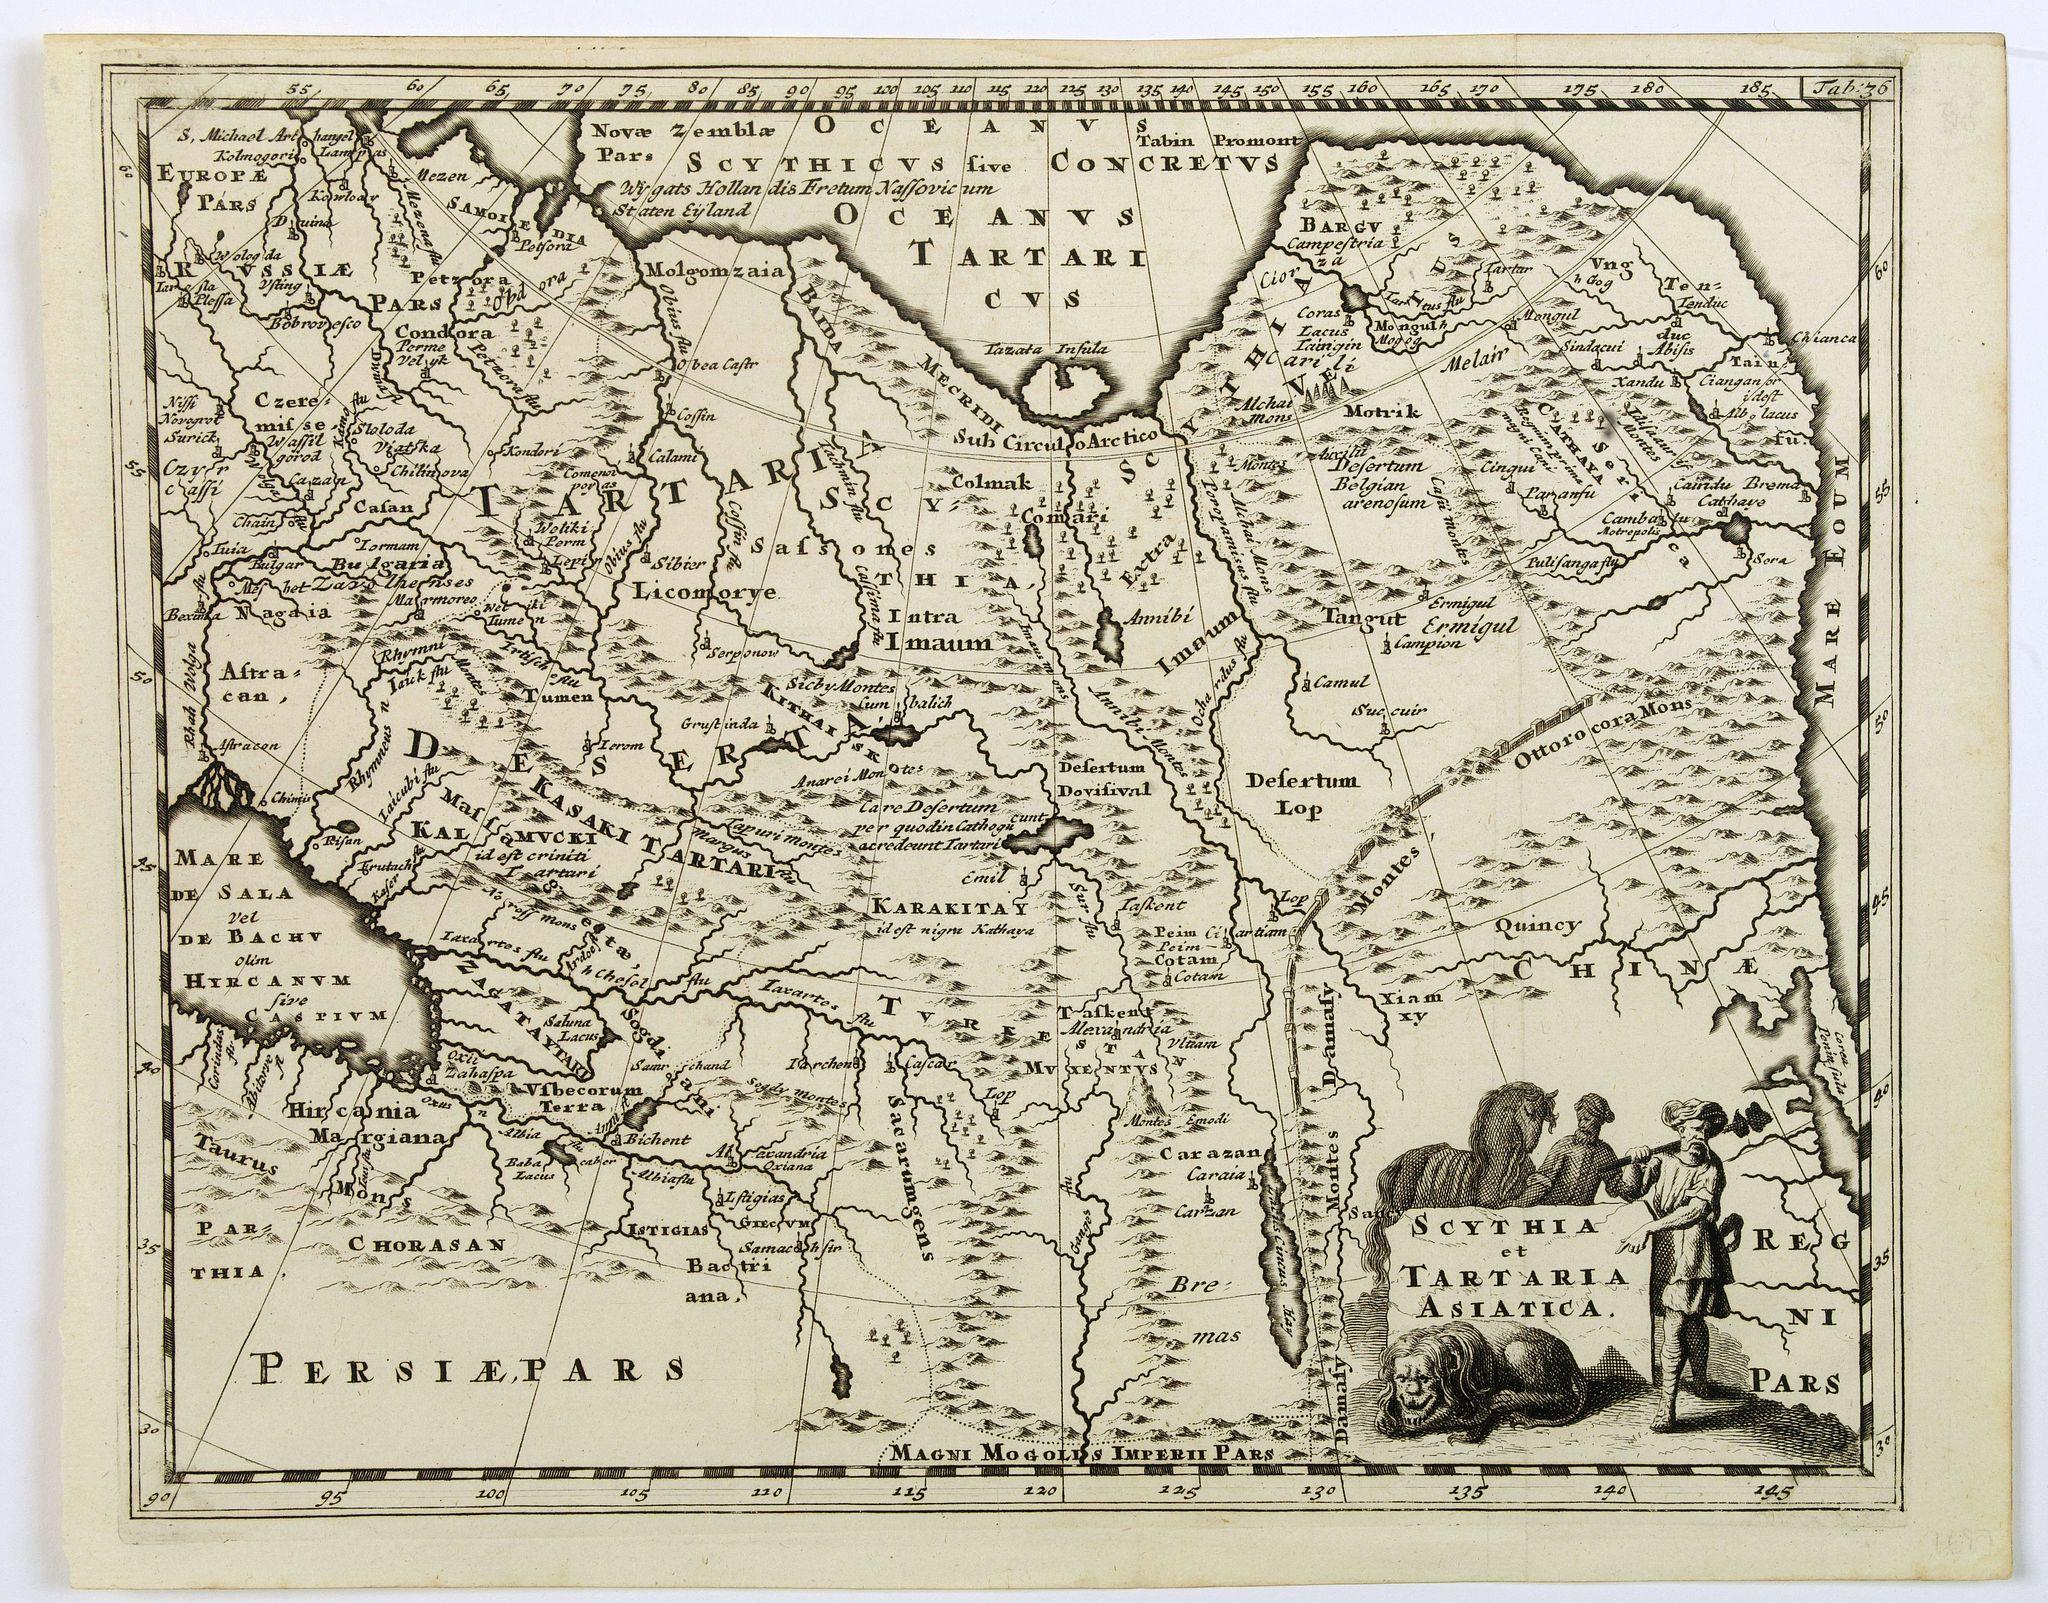 CLUVERIUS, P. -  Scythia et Tartaria Asiatica.